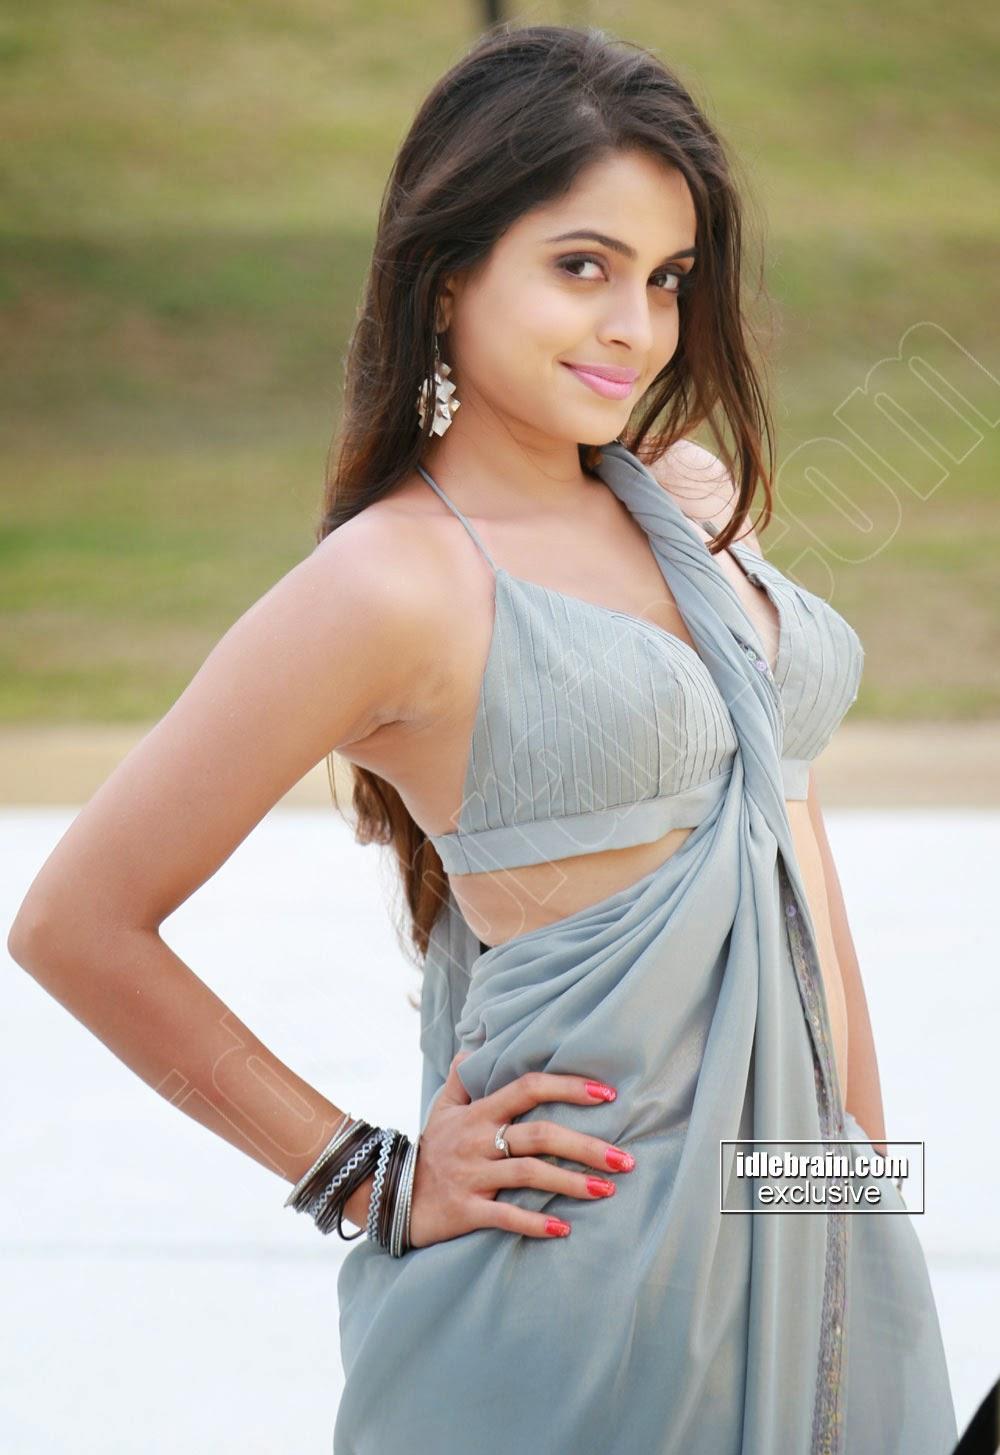 Telugu Movie Index - A | Video Masti